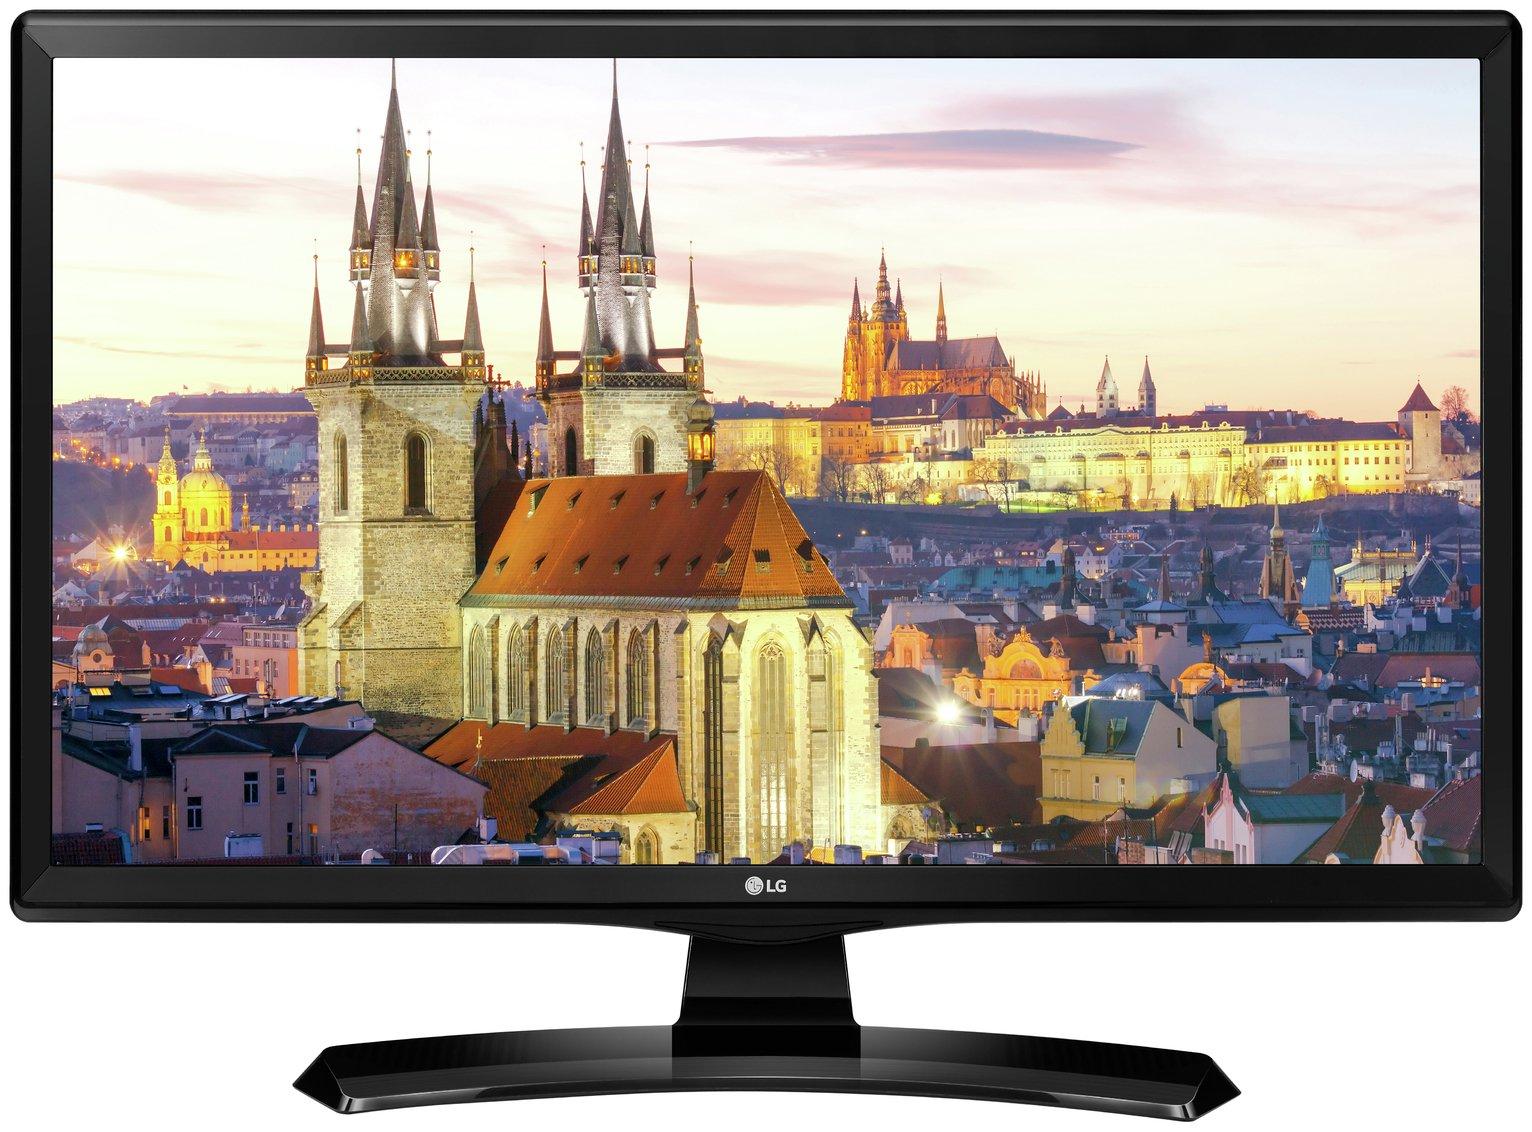 LG 24MT49DF 24 Inch HD Ready TV